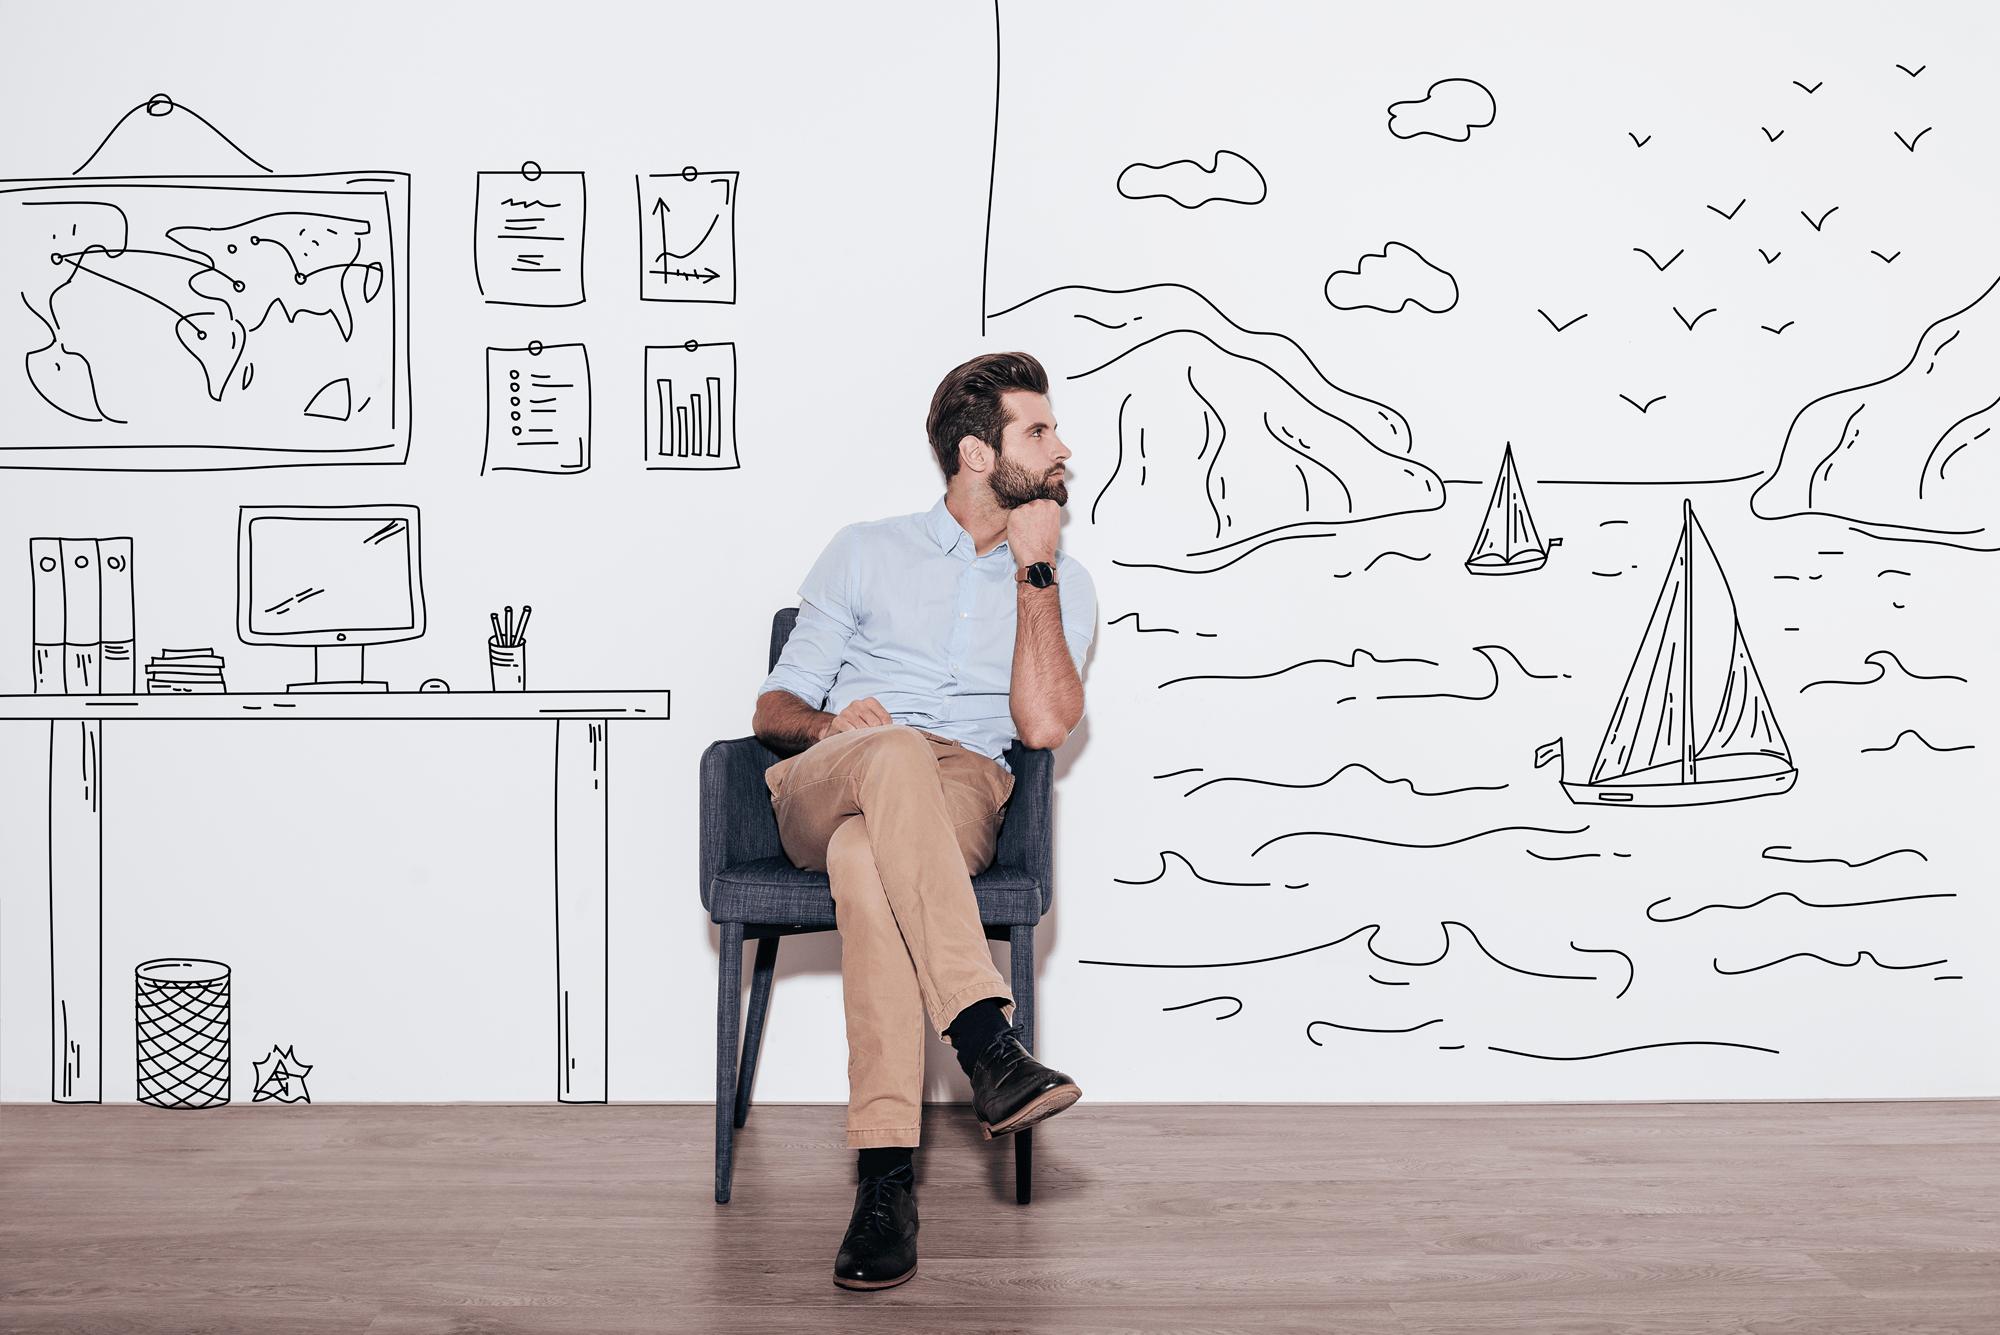 Ung mann holder hånden under haken og ser utover en illustrasjon av en fjord. Ilustrerer at mannen dagdrømmer.